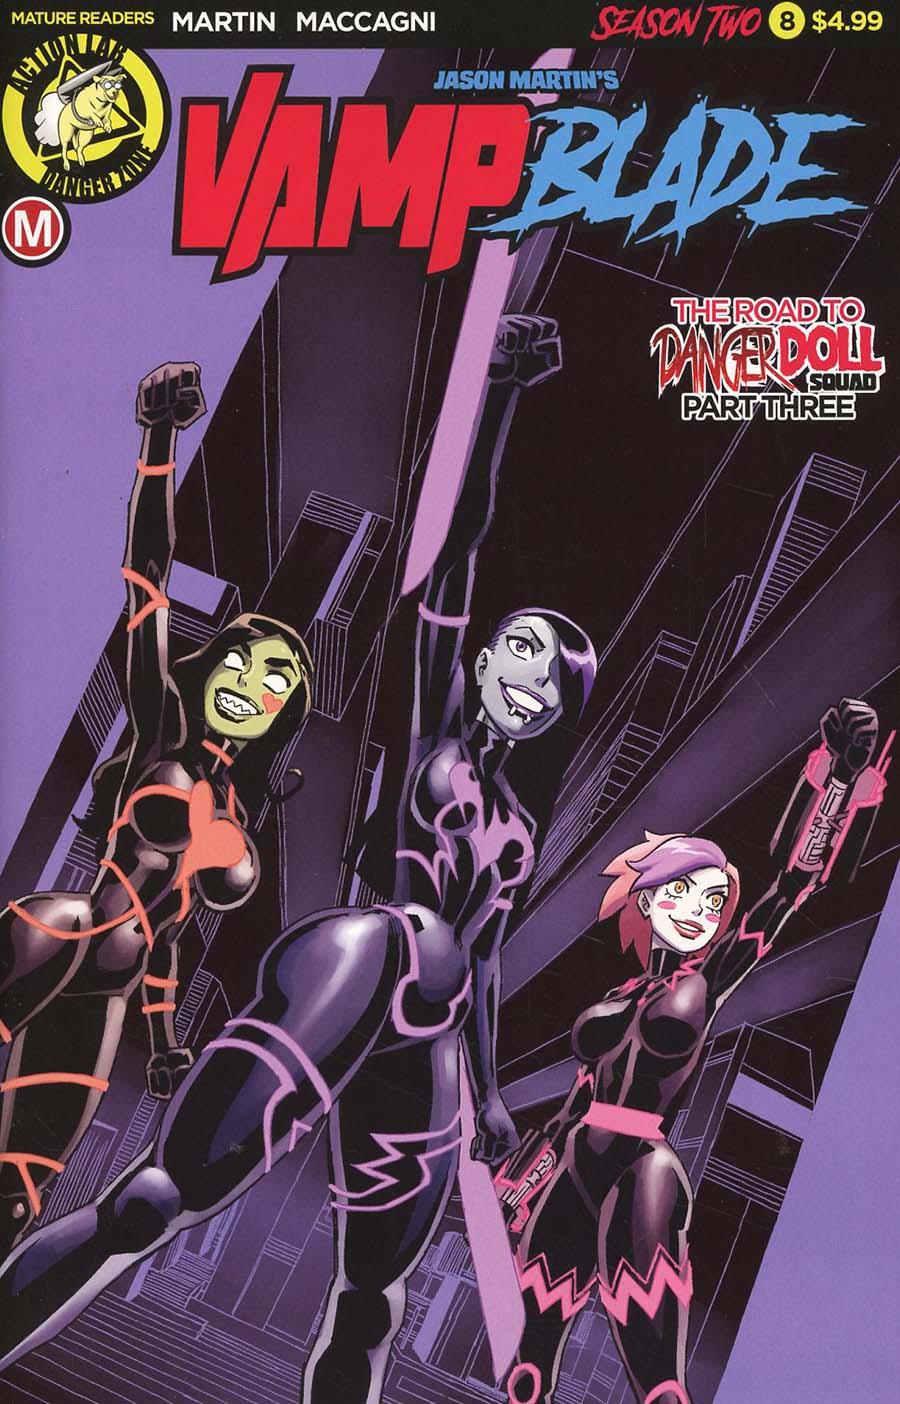 Vampblade Season 2 #8 Cover A Regular Winston Young Cover